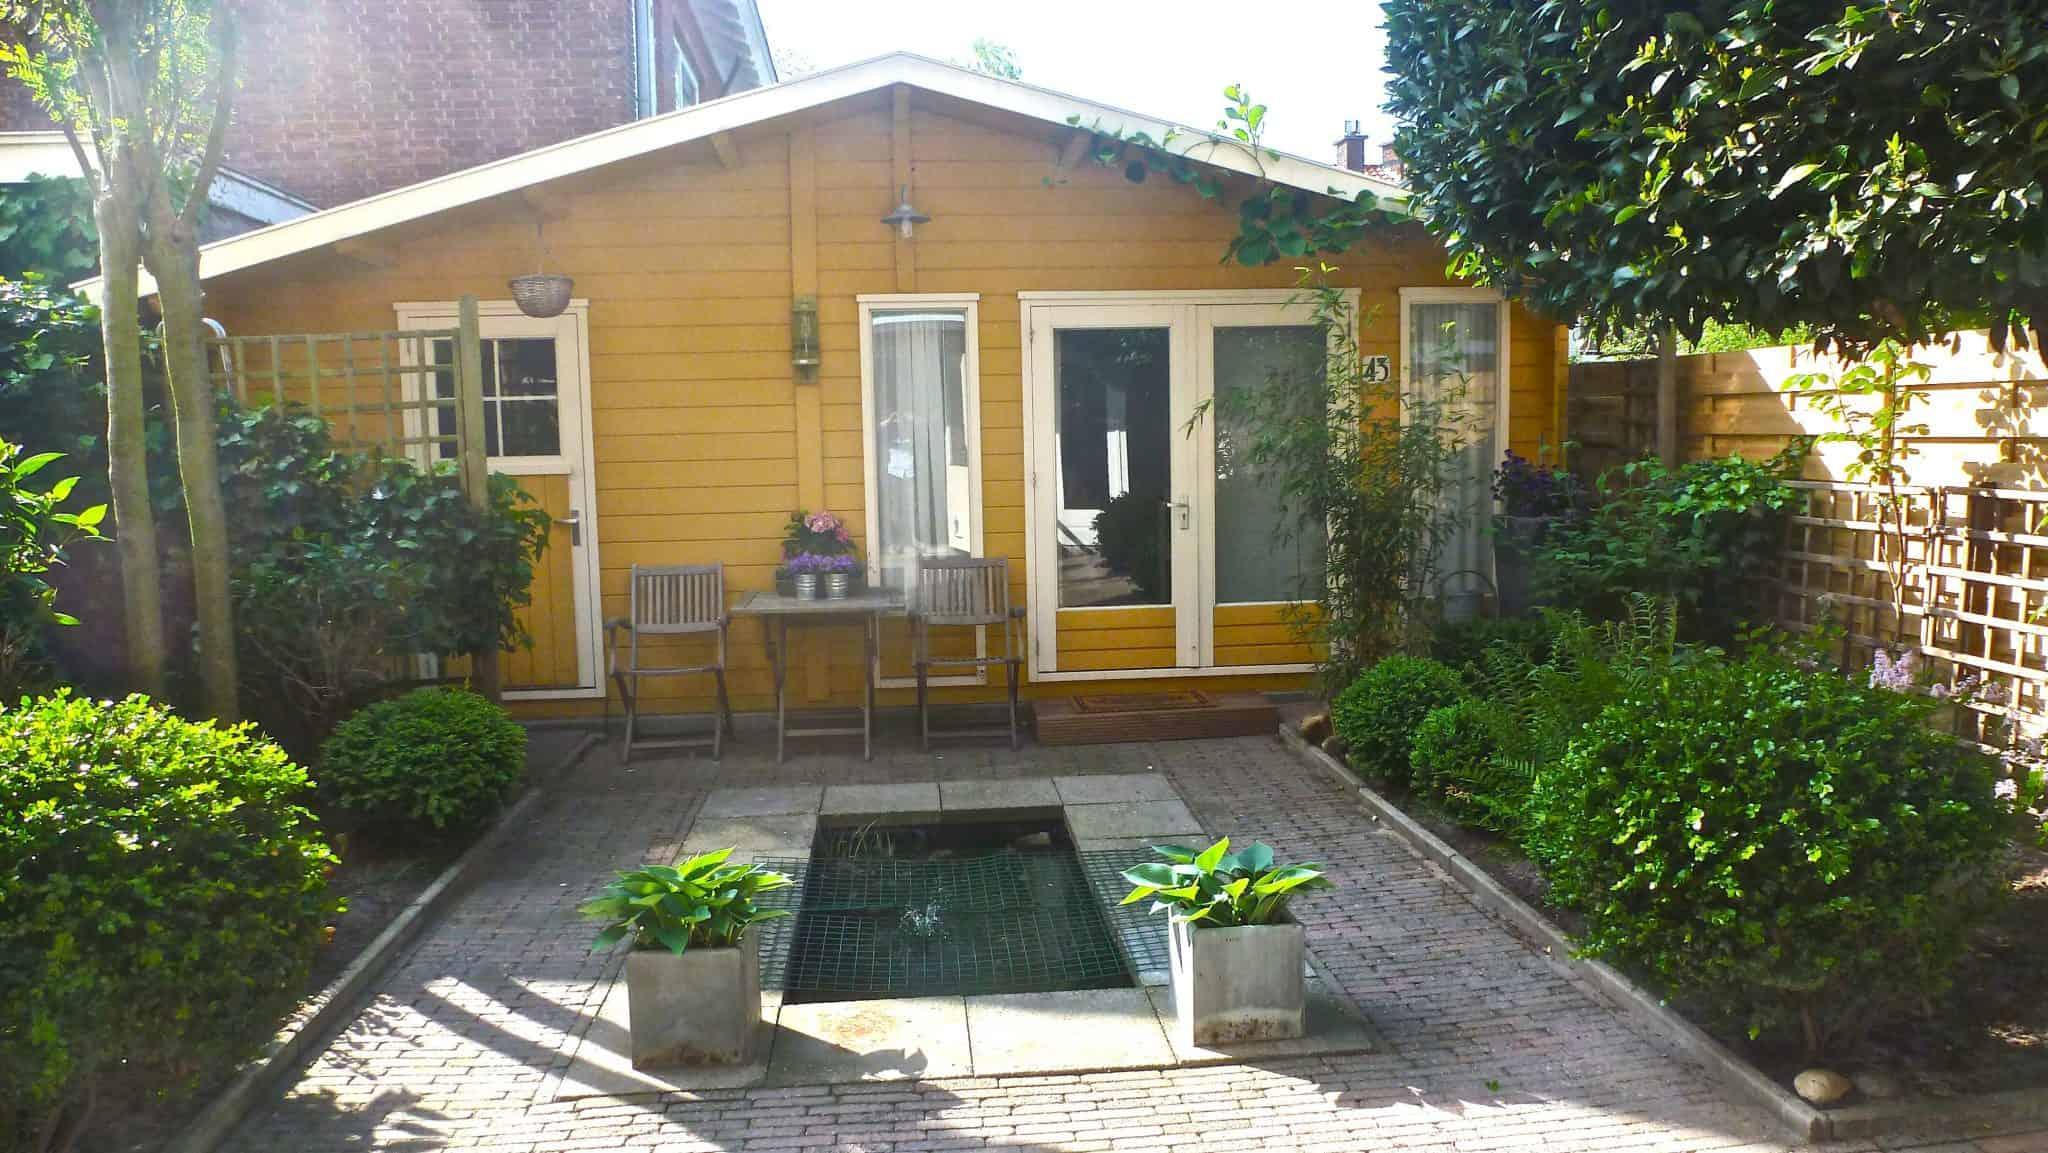 Buitenkant huis verven kleur: tuinhuis verven tuinhuisje met moose ...